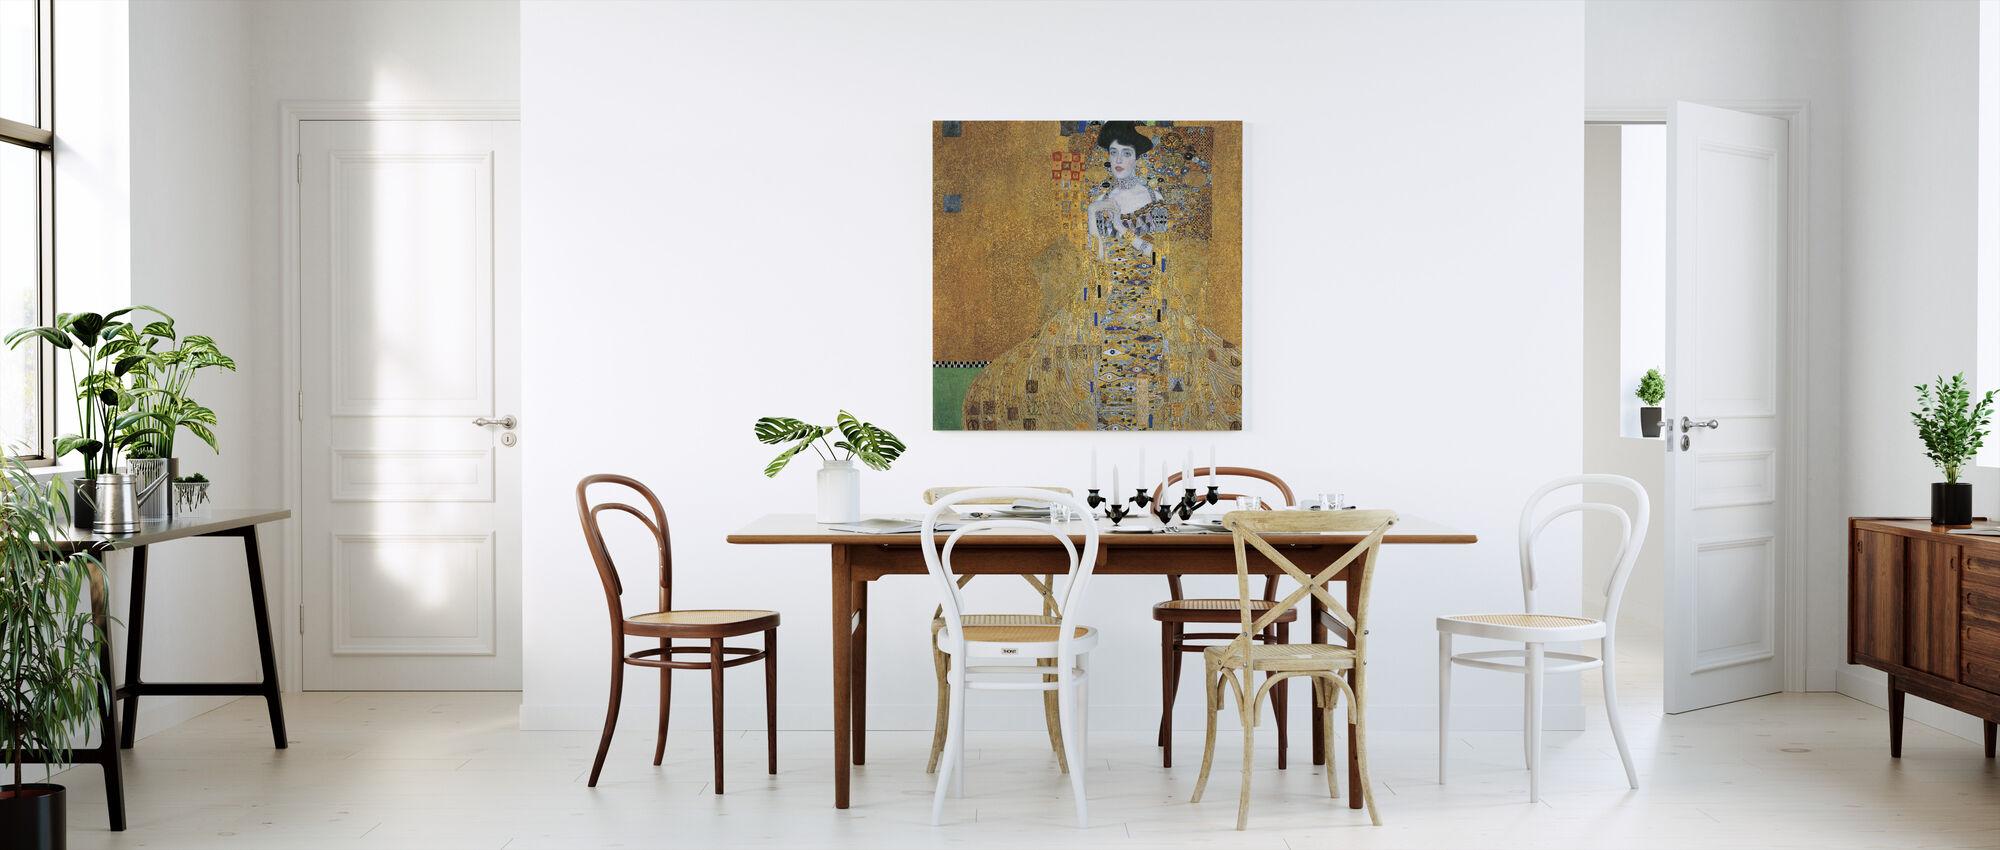 Klimt, Gustav - Adele Bloch-Bauer I - Canvas print - Kitchen